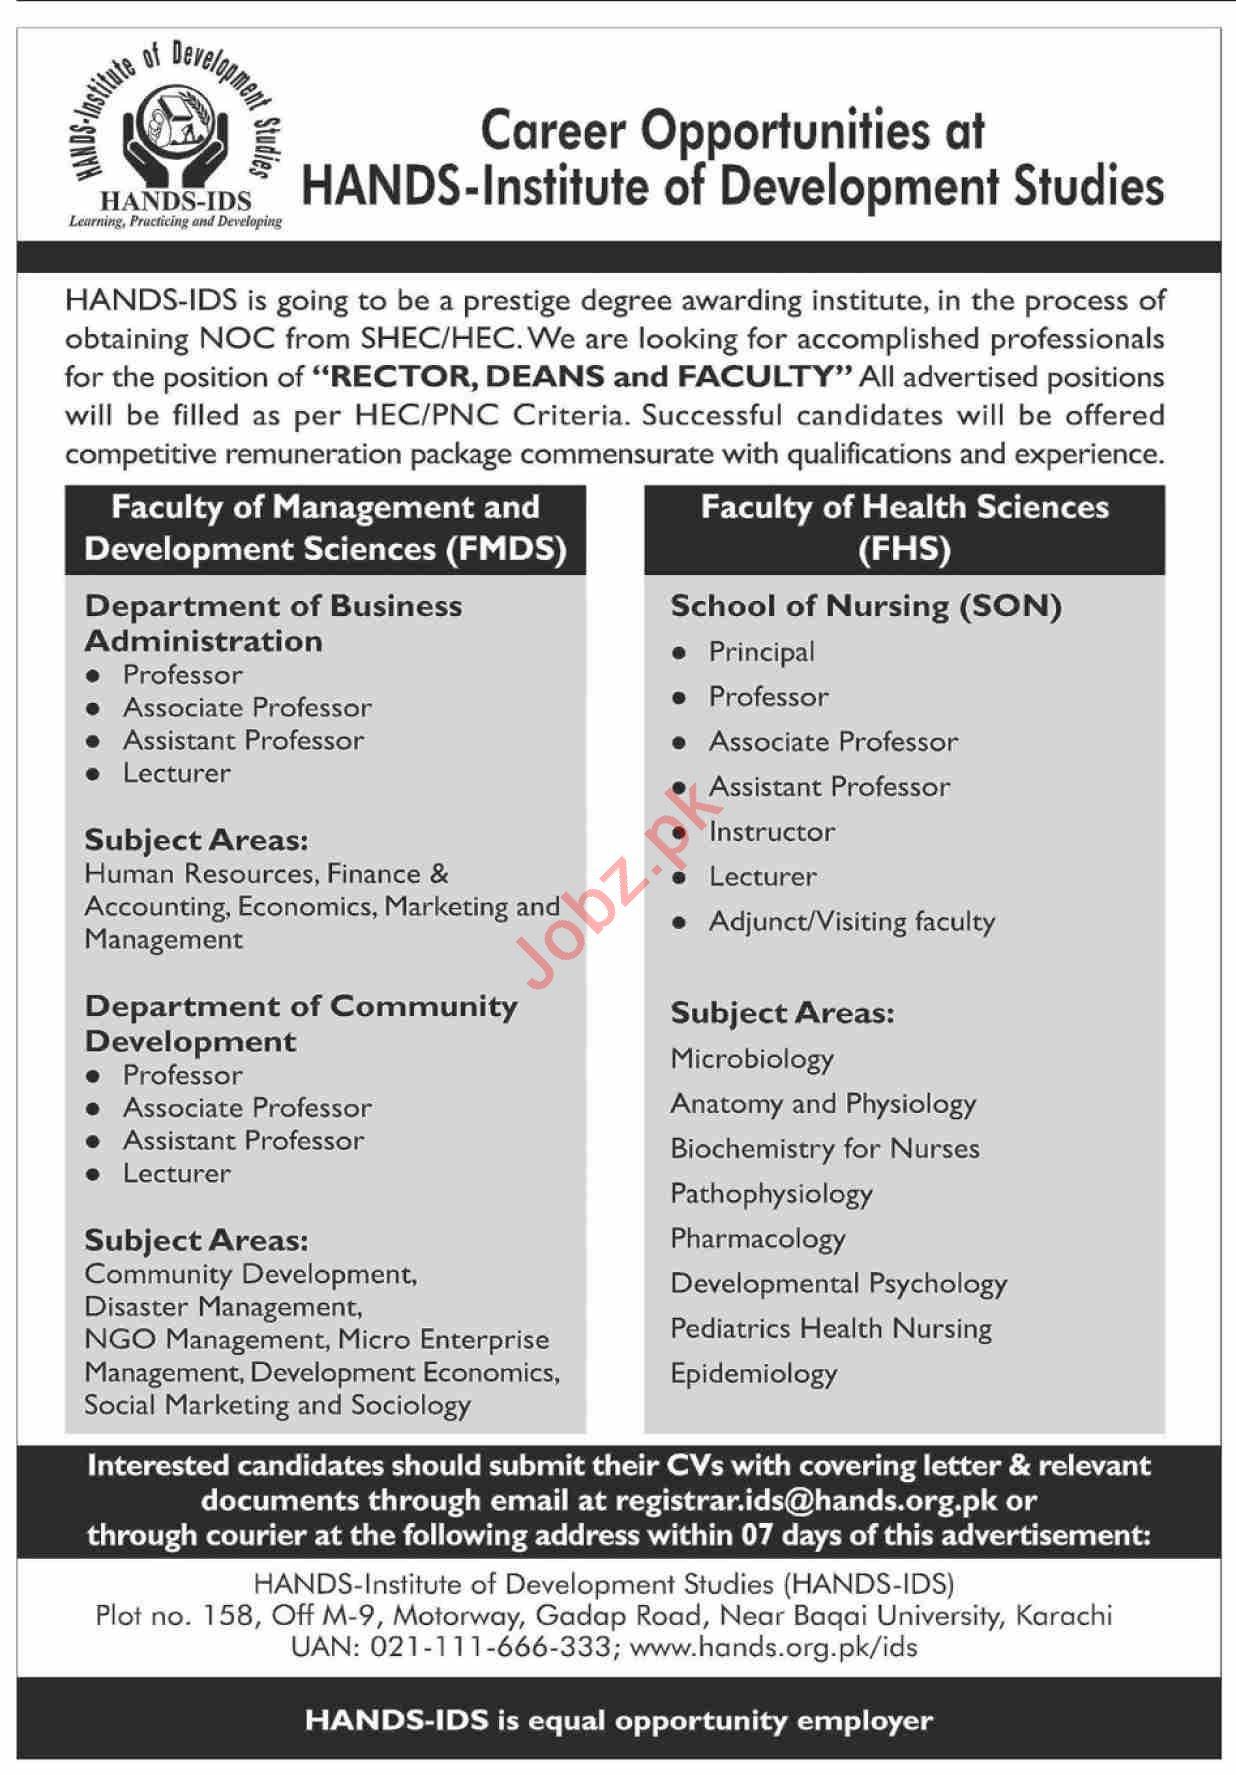 HANDS Institute of Development Studies Karachi Jobs 2021